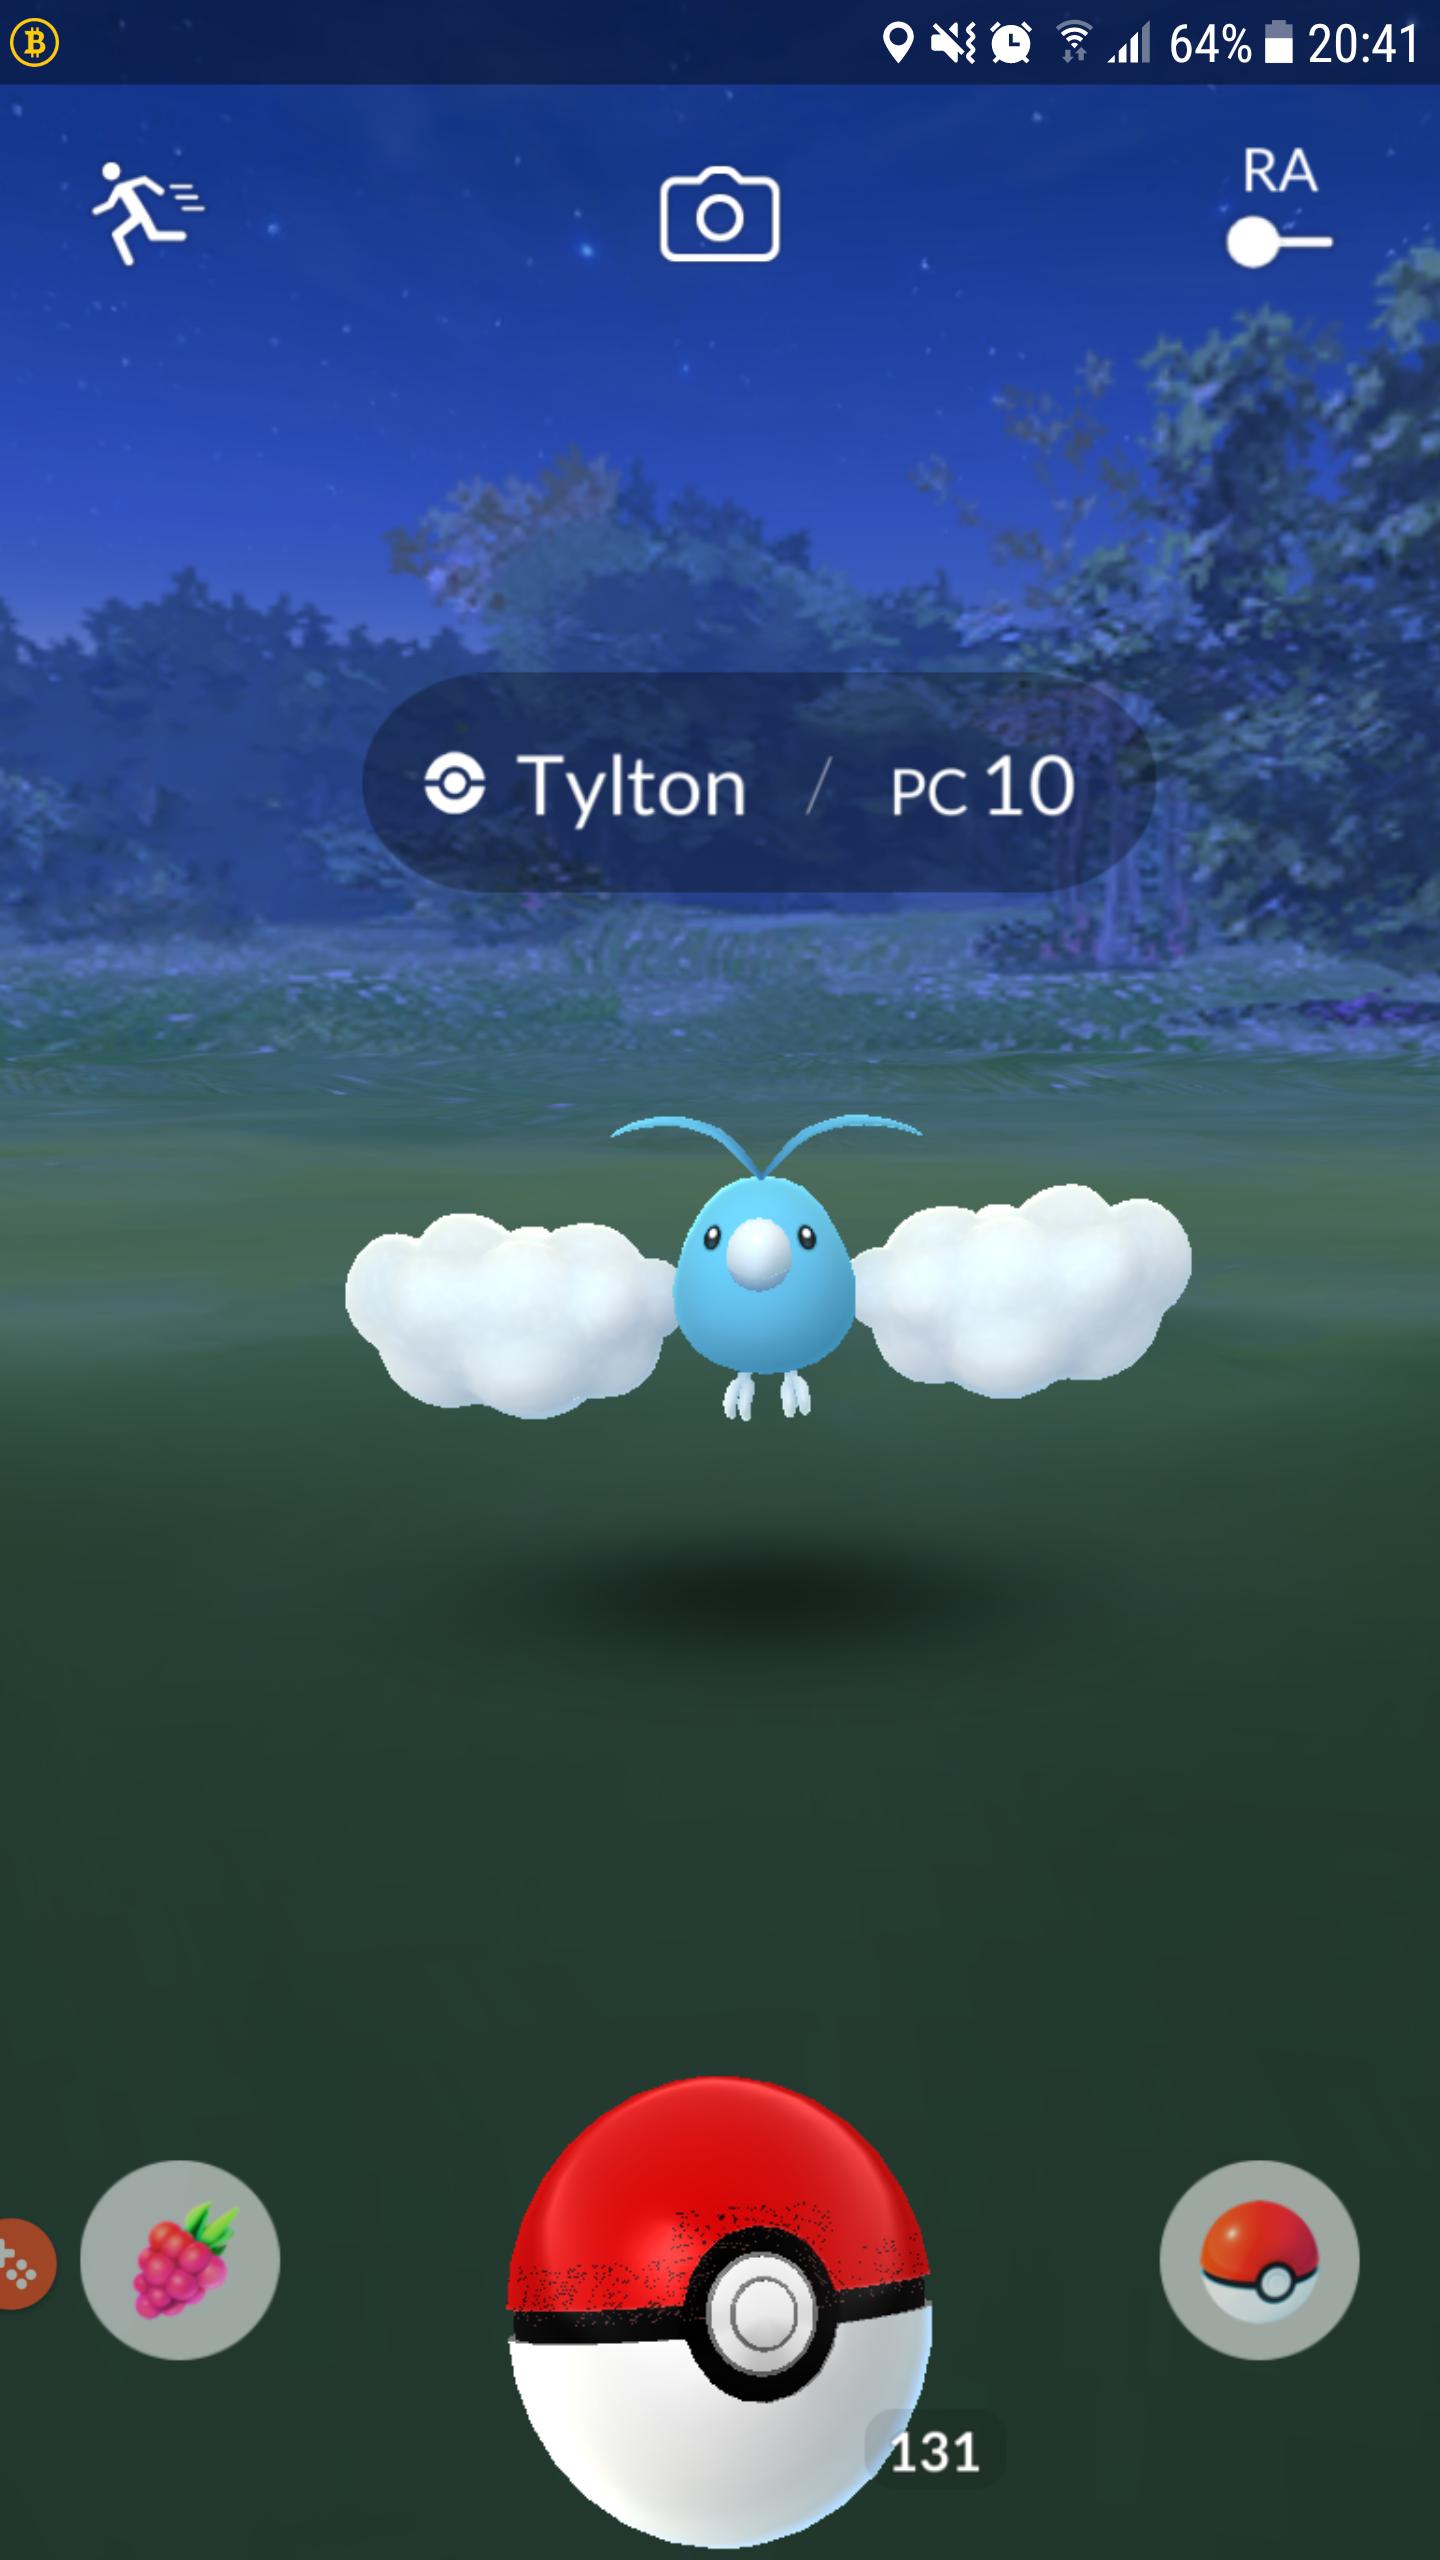 Pokémon Go - Tylton - Pc 10